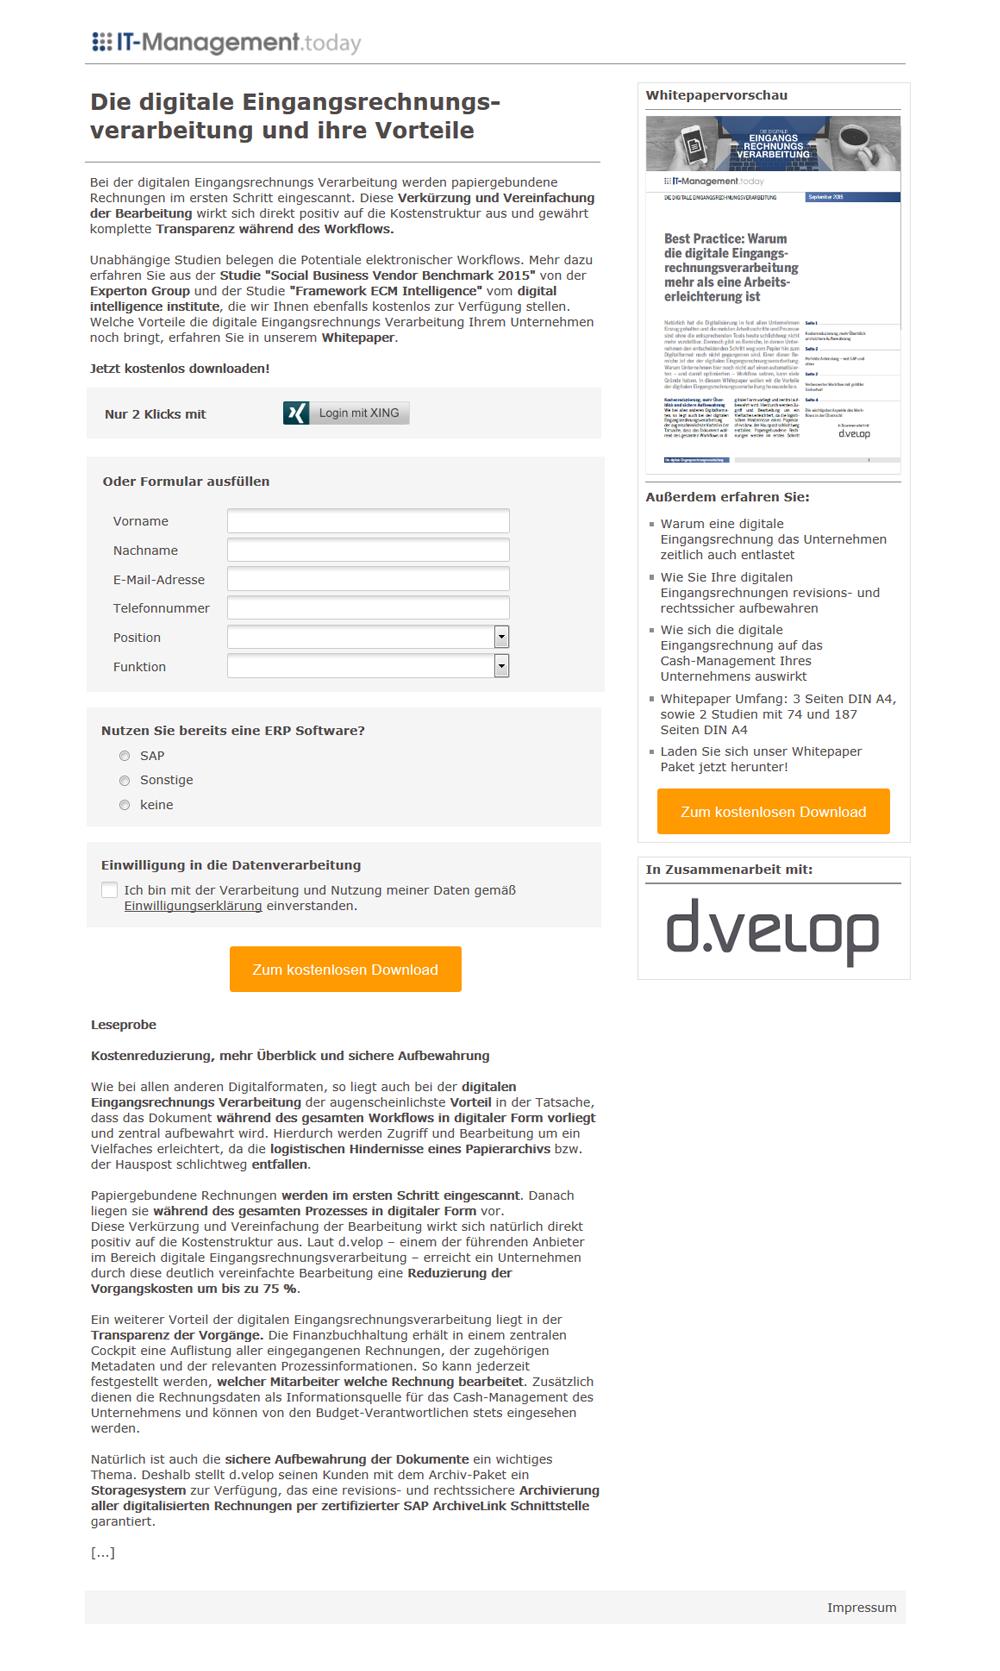 kampagne_Studie_Die digitale Eingangsrechnungsverarbeitung